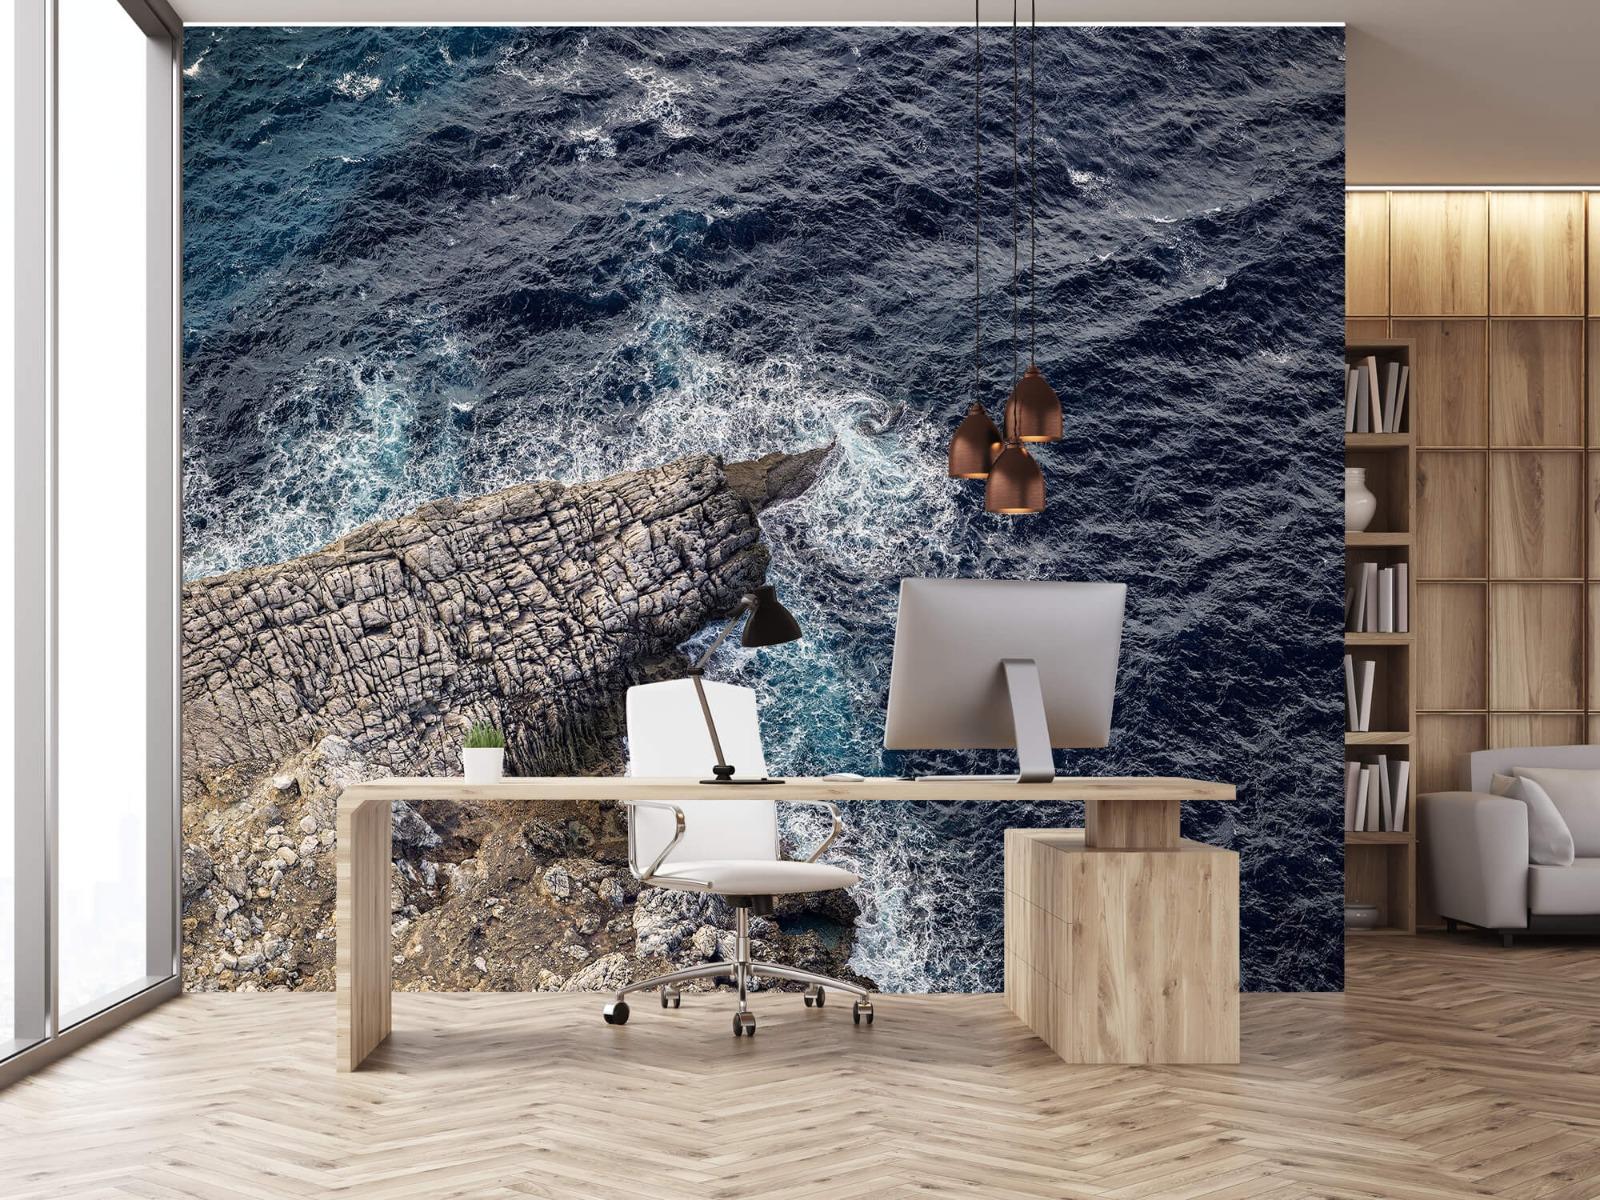 Zeeën en Oceanen - Rotspunt aan de kust - Slaapkamer 24